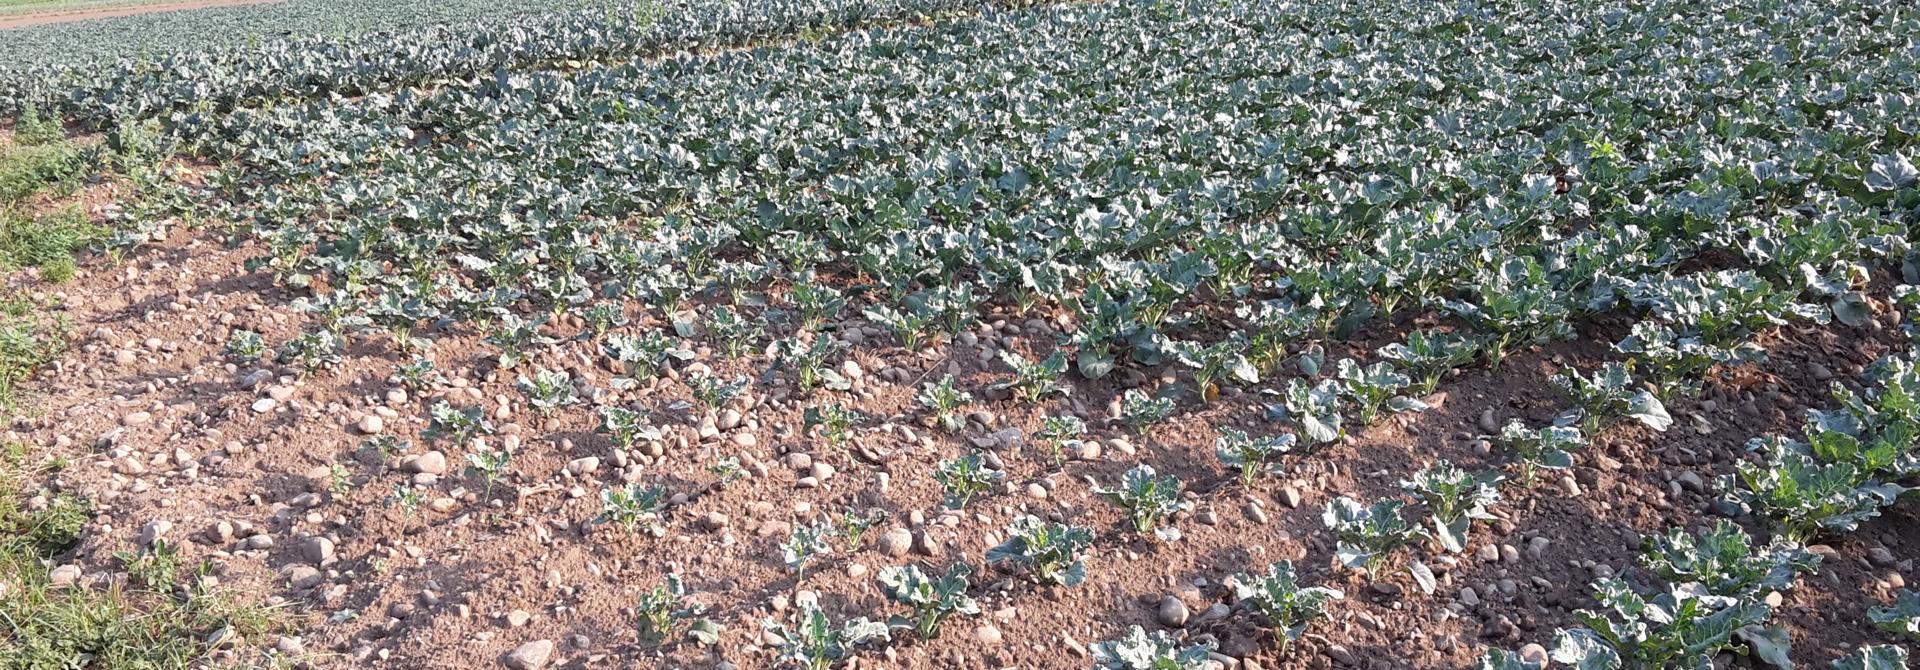 Die Bewu00e4sserung entscheidet momentan u00fcber das Pflanzenwachstum. Reichen die Sprinkler nicht bis an den Feldrand wie hier, ist das Wachstum deutlich verzu00f6gert.>